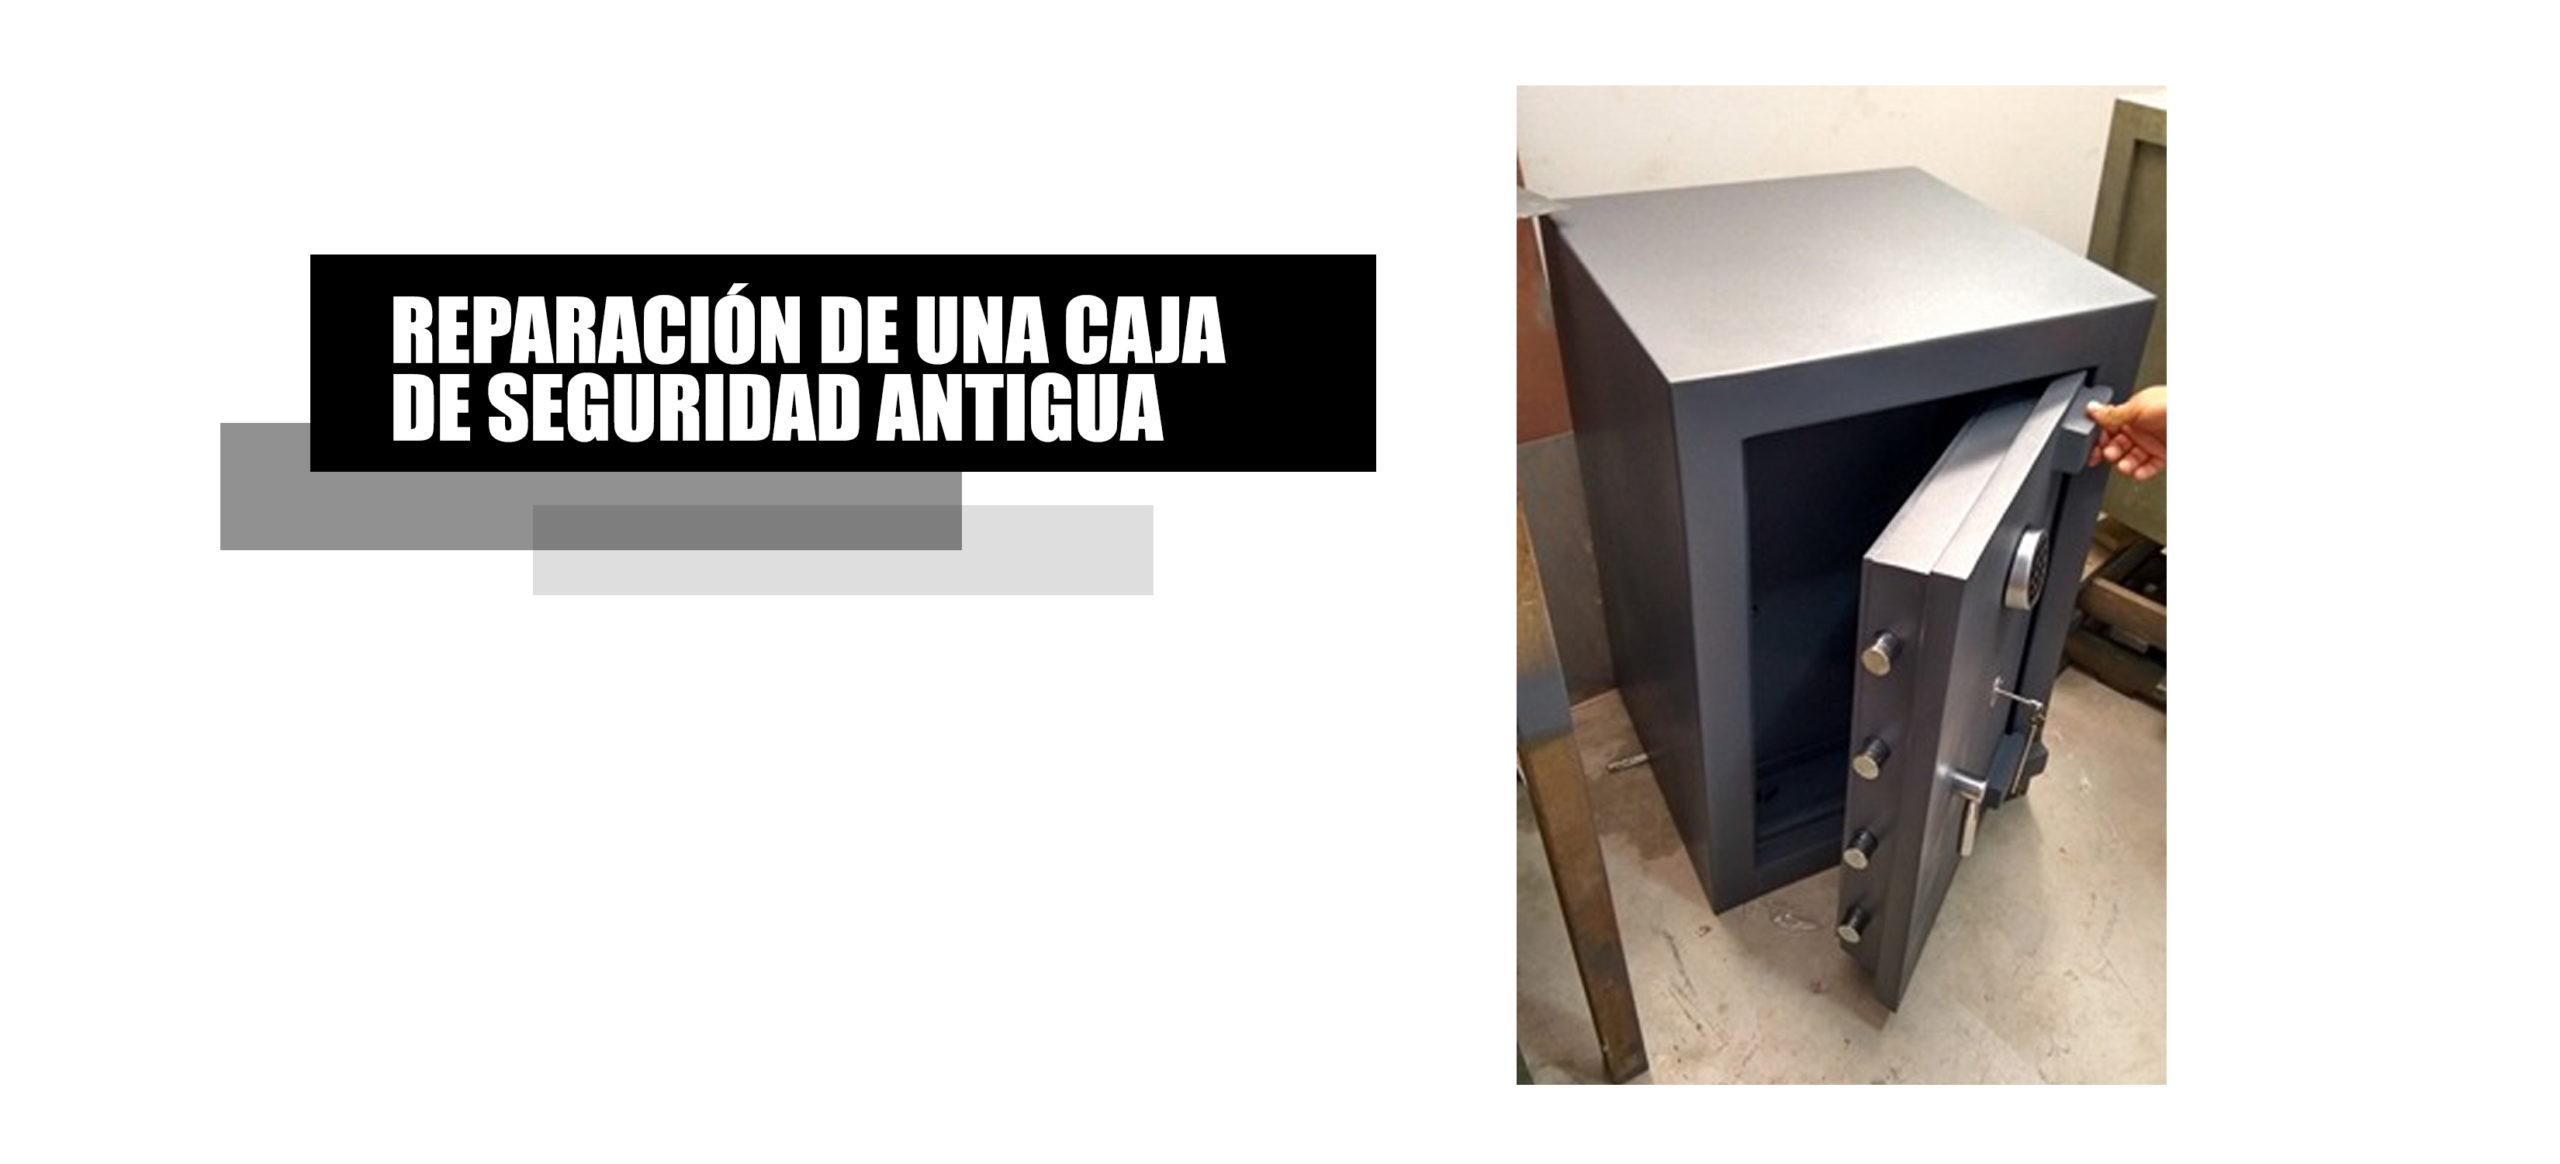 Reparación de cajas fuertes en Lima y provincias de todo el Perú.